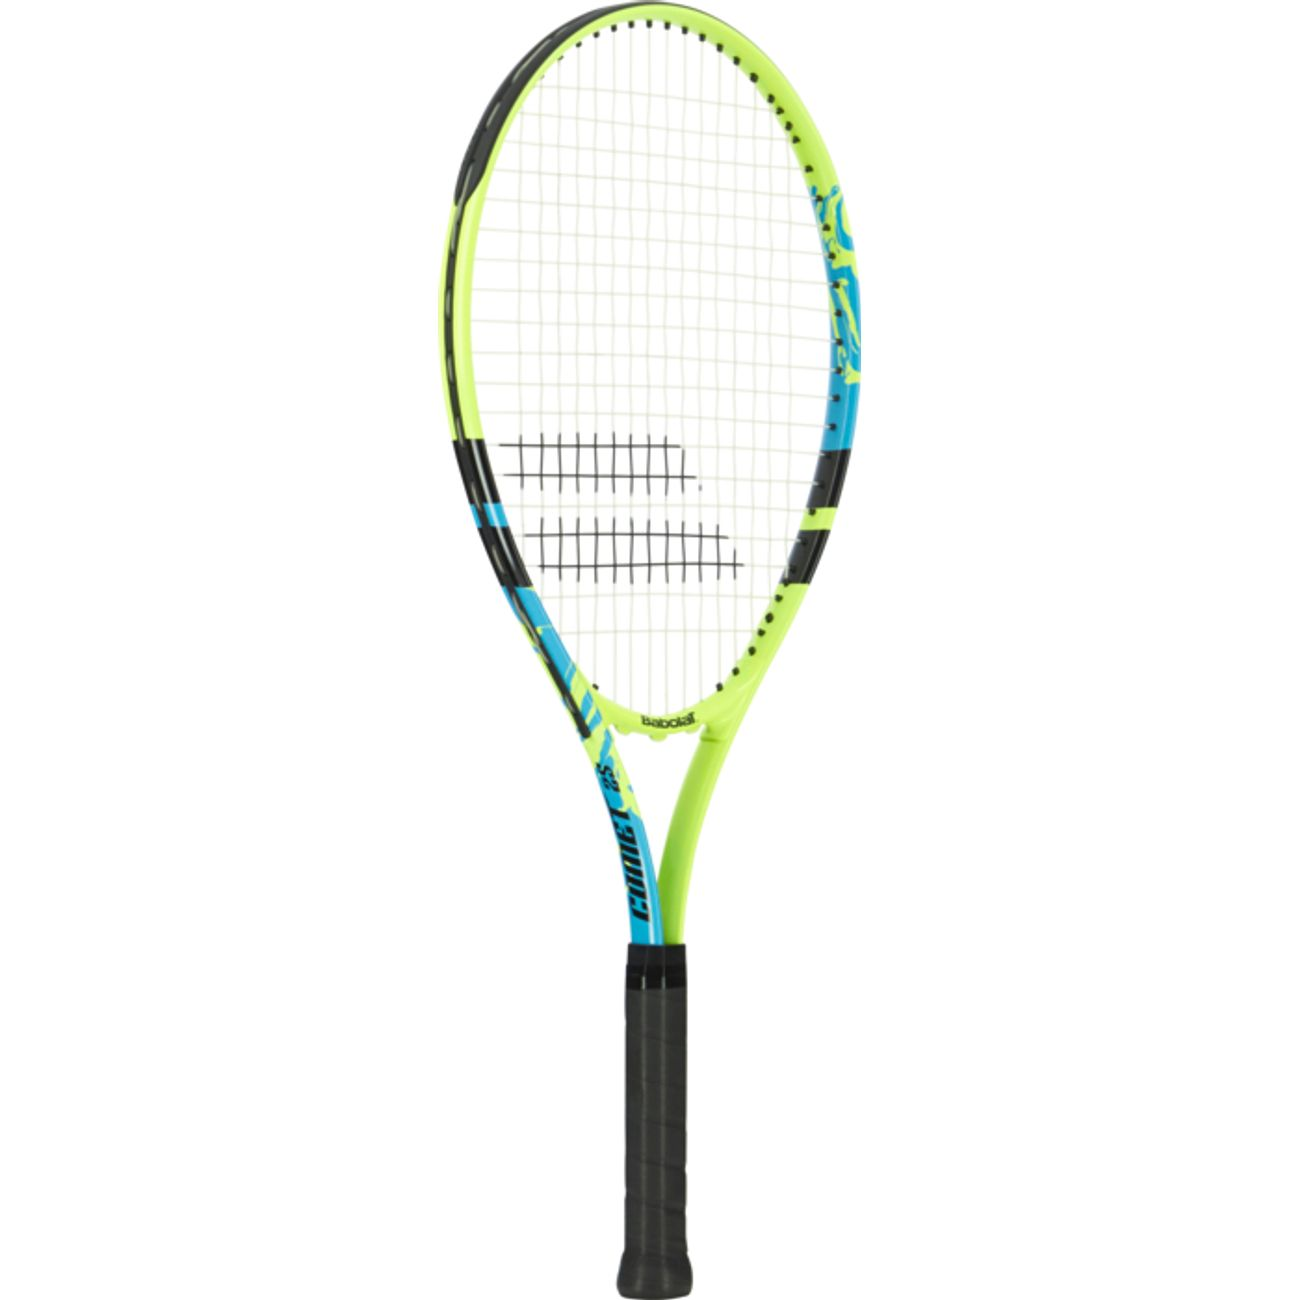 RAQUETTE Tennis enfant BABOLAT COMET 23